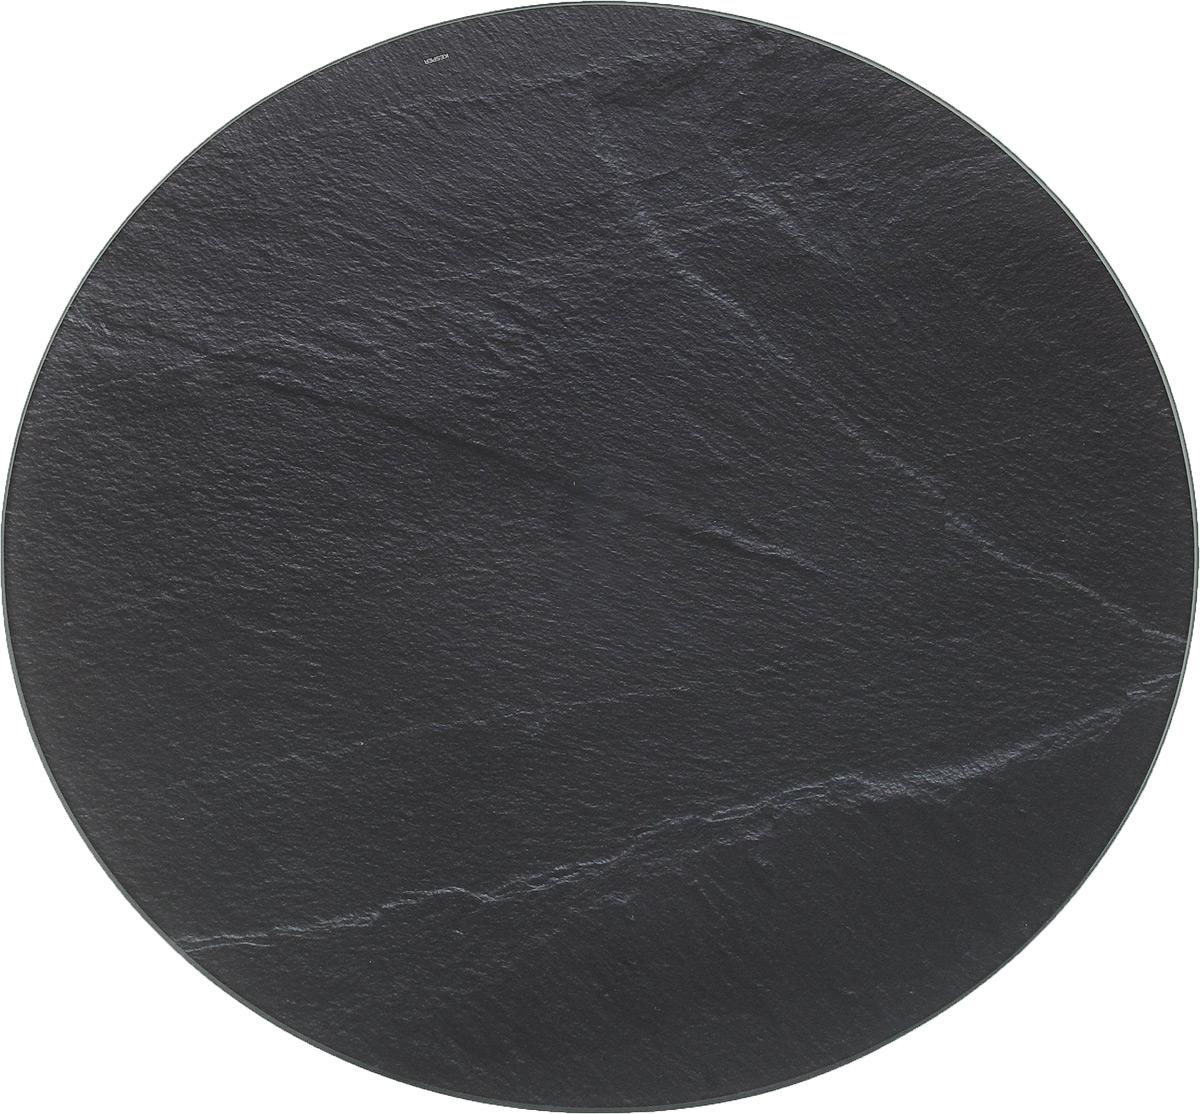 Поднос сервировочный Kesper, вращающийся, диаметр 35,5 см. 3445-0115510Поднос сервировочный Kesper изготовлен из прочного высококачественного стекла. Идеально подходит для красивой сервировки любых продуктов, закусок, нарезок, суши, хлеба, сыров и многого другого. Основание снабжено противоскользящими ножками для устойчивости. Благодаря тому, что поднос вращается, любой продукт на нем становится максимально доступным. Удобный и функциональный поднос станет отличным приобретением для вашей кухни. Он порадует вас качеством, стильным дизайном и практичностью. Можно мыть в посудомоечной машине. Диаметр подноса: 35,5 см. Диаметр основания: 19 см.